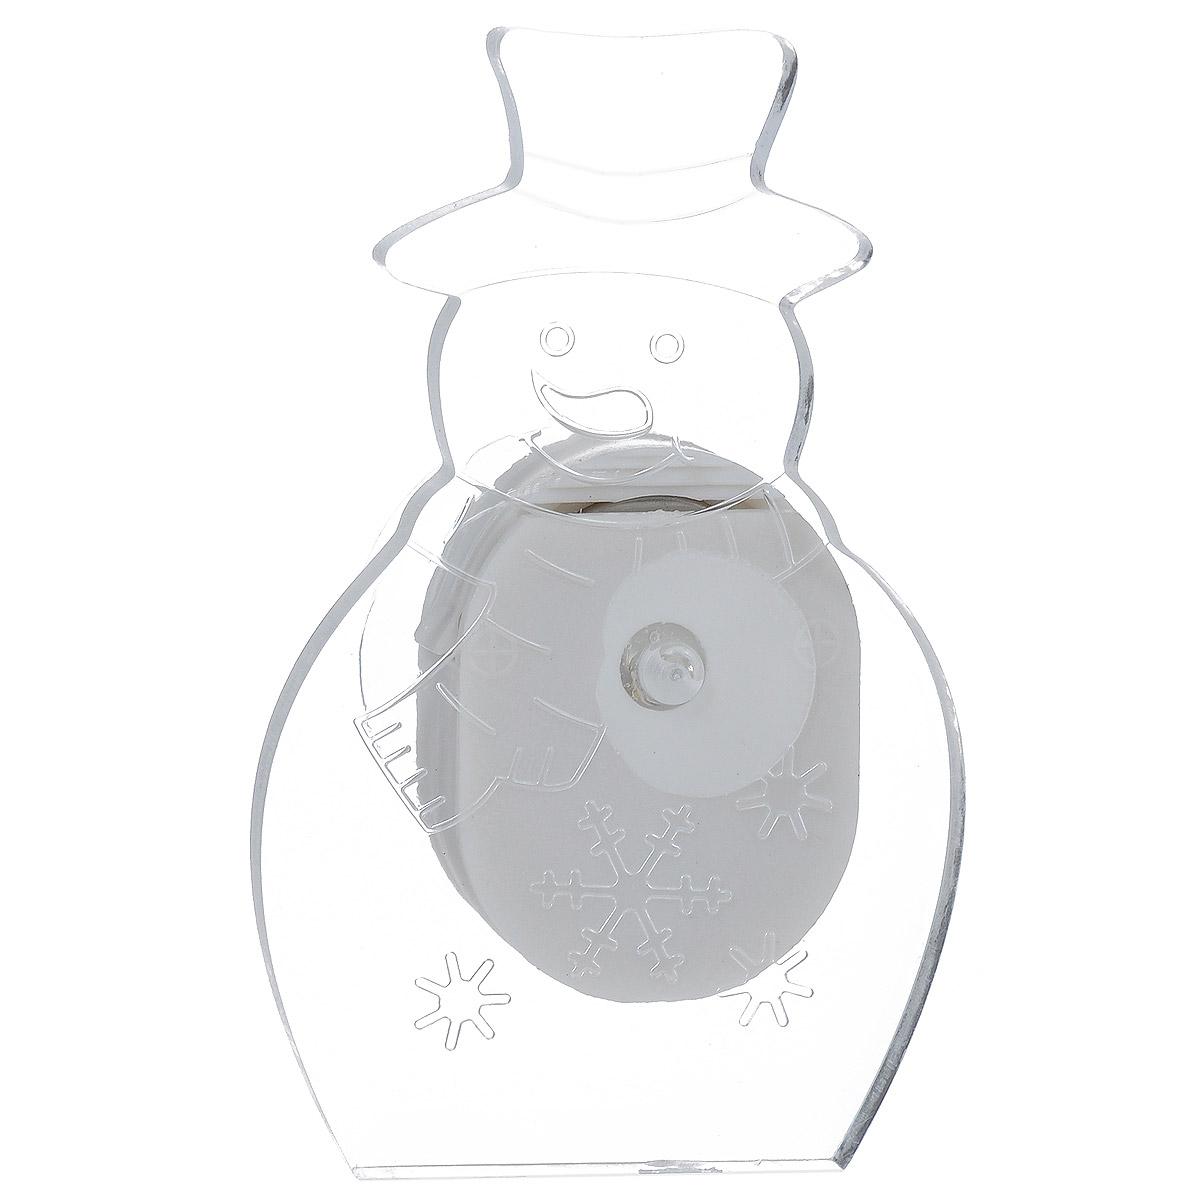 Фигурка Lillo Снеговик, с подсветкой, 4,5 х 7,5 смLS-0030Фигурка Lillo Снеговик изготовлена из прозрачного пластика. Изделие выполнено в виде снеговика и оснащено присоской. Подсветка включается с помощью переключателя сбоку фигурки. Свечение плавно переходит из одного цвета в другой. Красивая фигурка ярко дополнит интерьер дома, офиса или детской в преддверии Нового года.Размер фигурки: 4,5 см х 7,5 см.